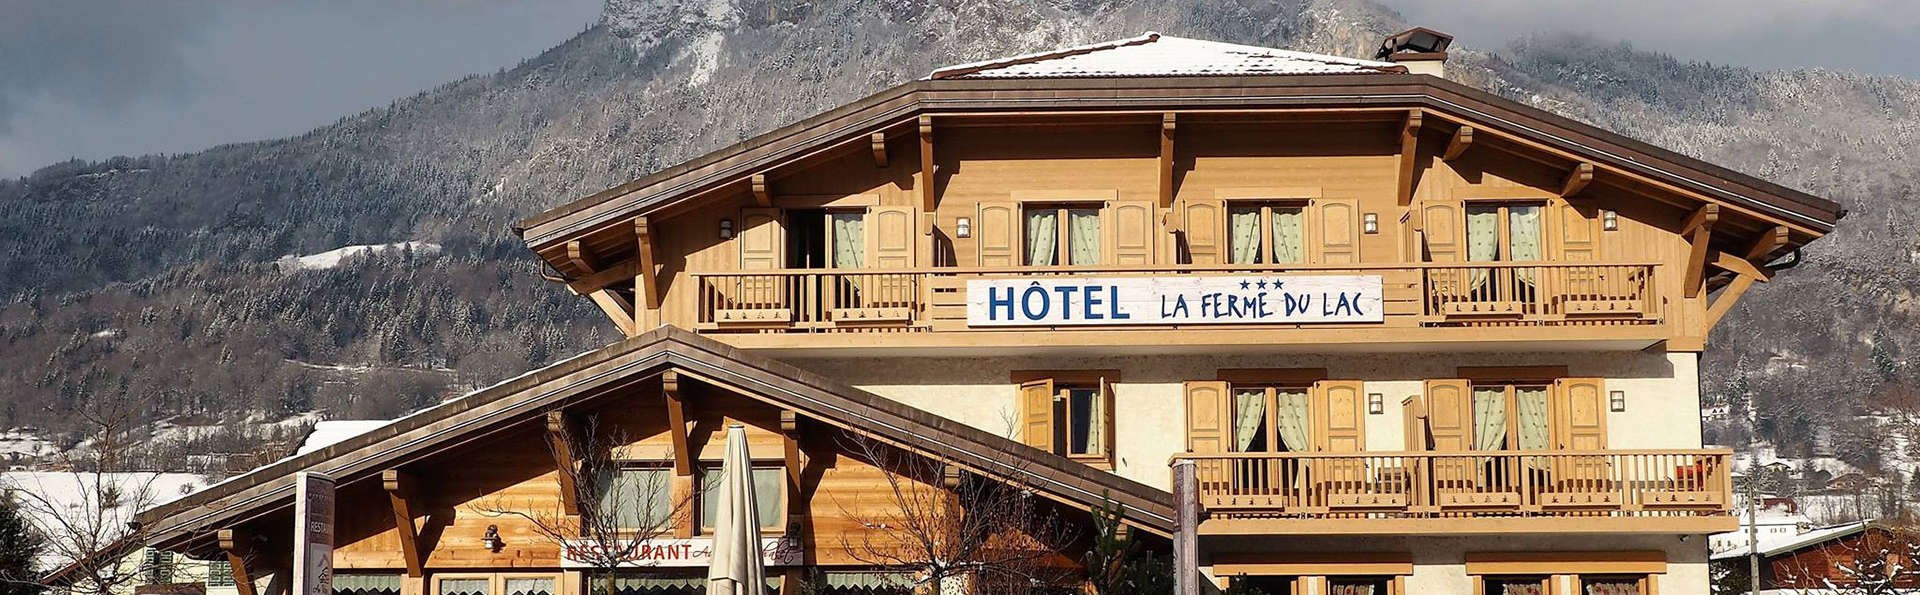 Hôtel La Ferme du Lac - EDIT_front.jpg